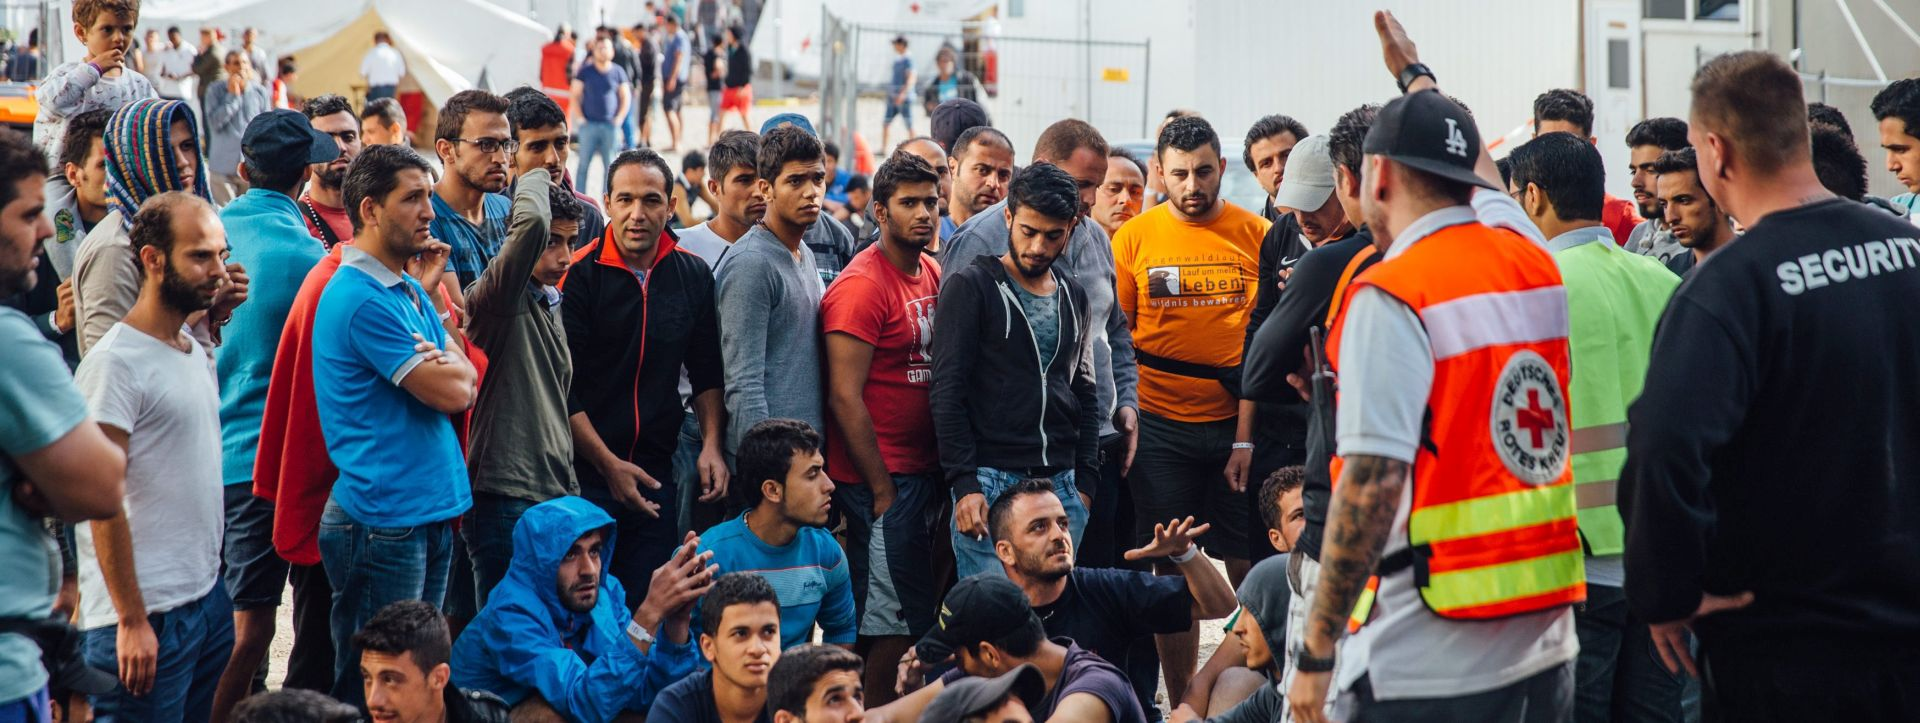 POTRAGA ZA BOLJIM ŽIVOTOM: Velika Britanija i Francuska traže pomoć EU-a zbog imigranata u Calaisu